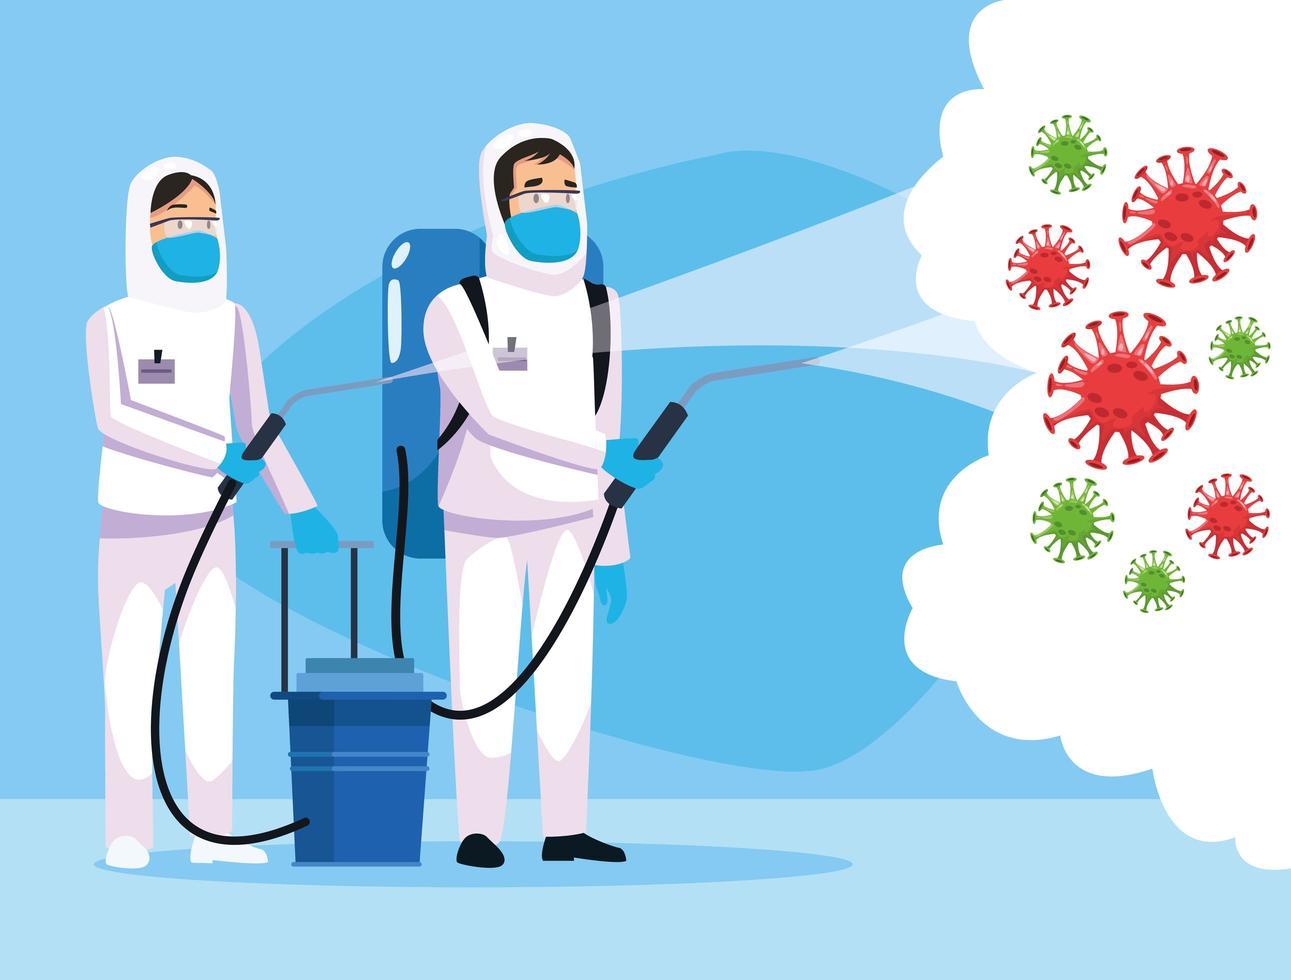 Personen mit Biohazard-Reinigung mit Sprühgerät gegen Coronavirus vektor